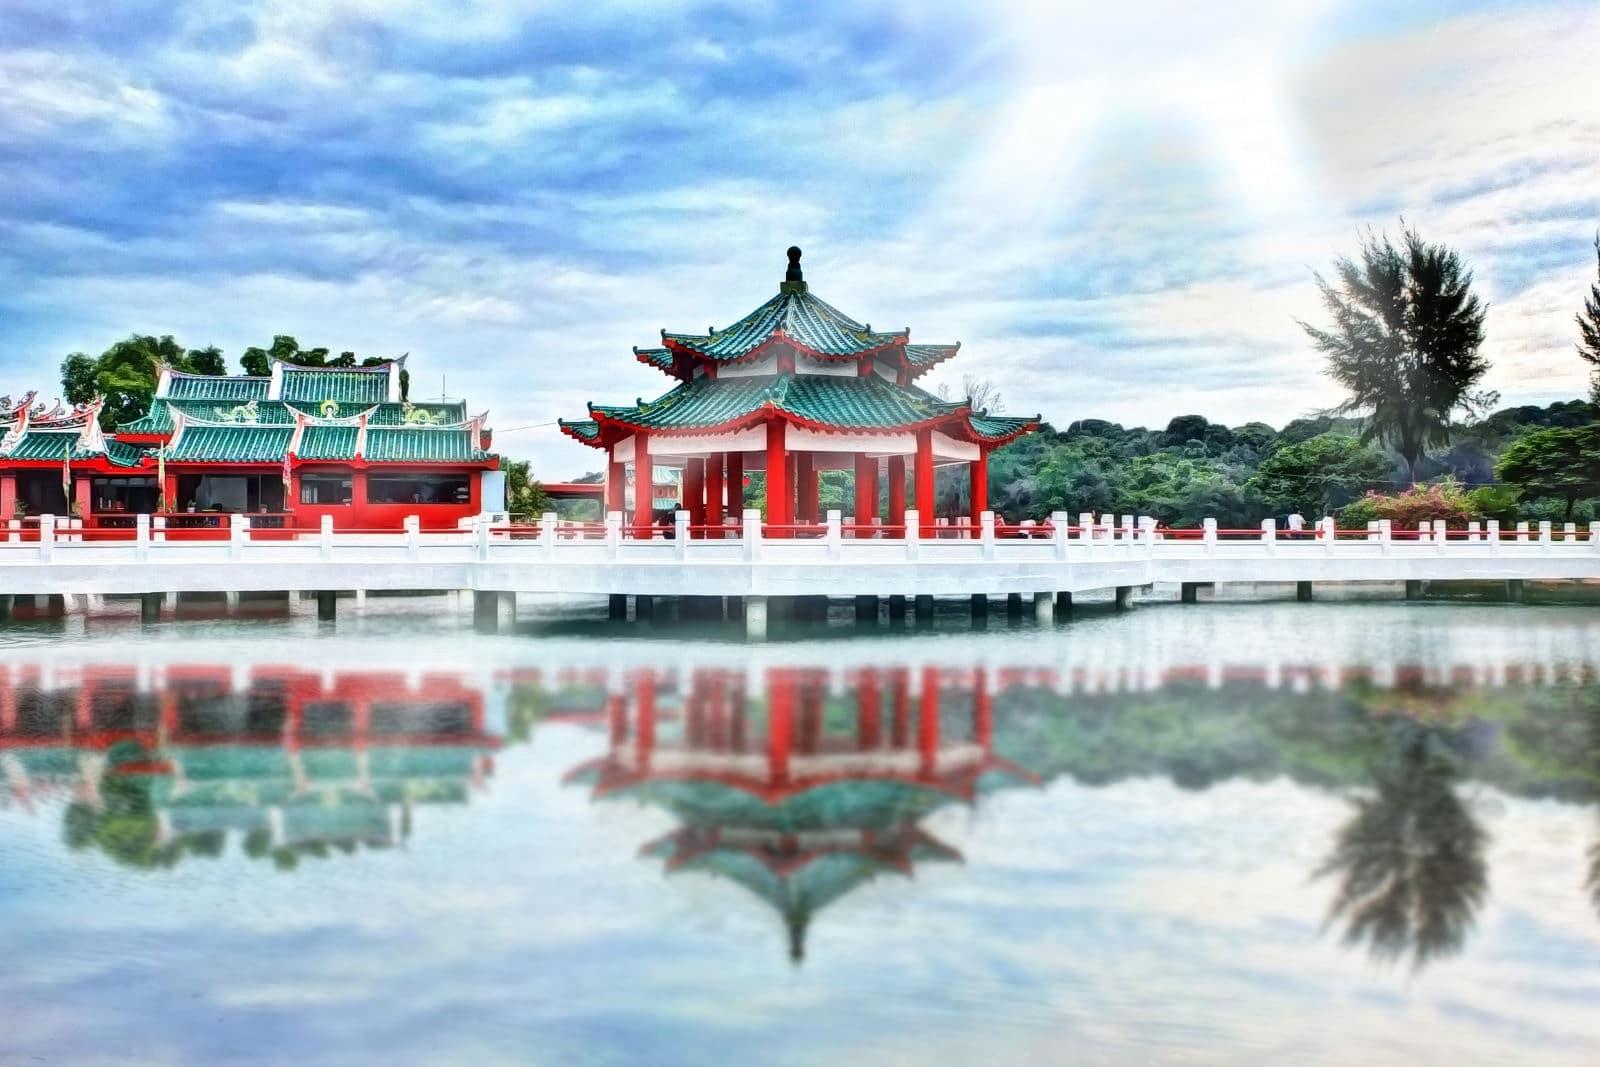 Southeast Asia Image